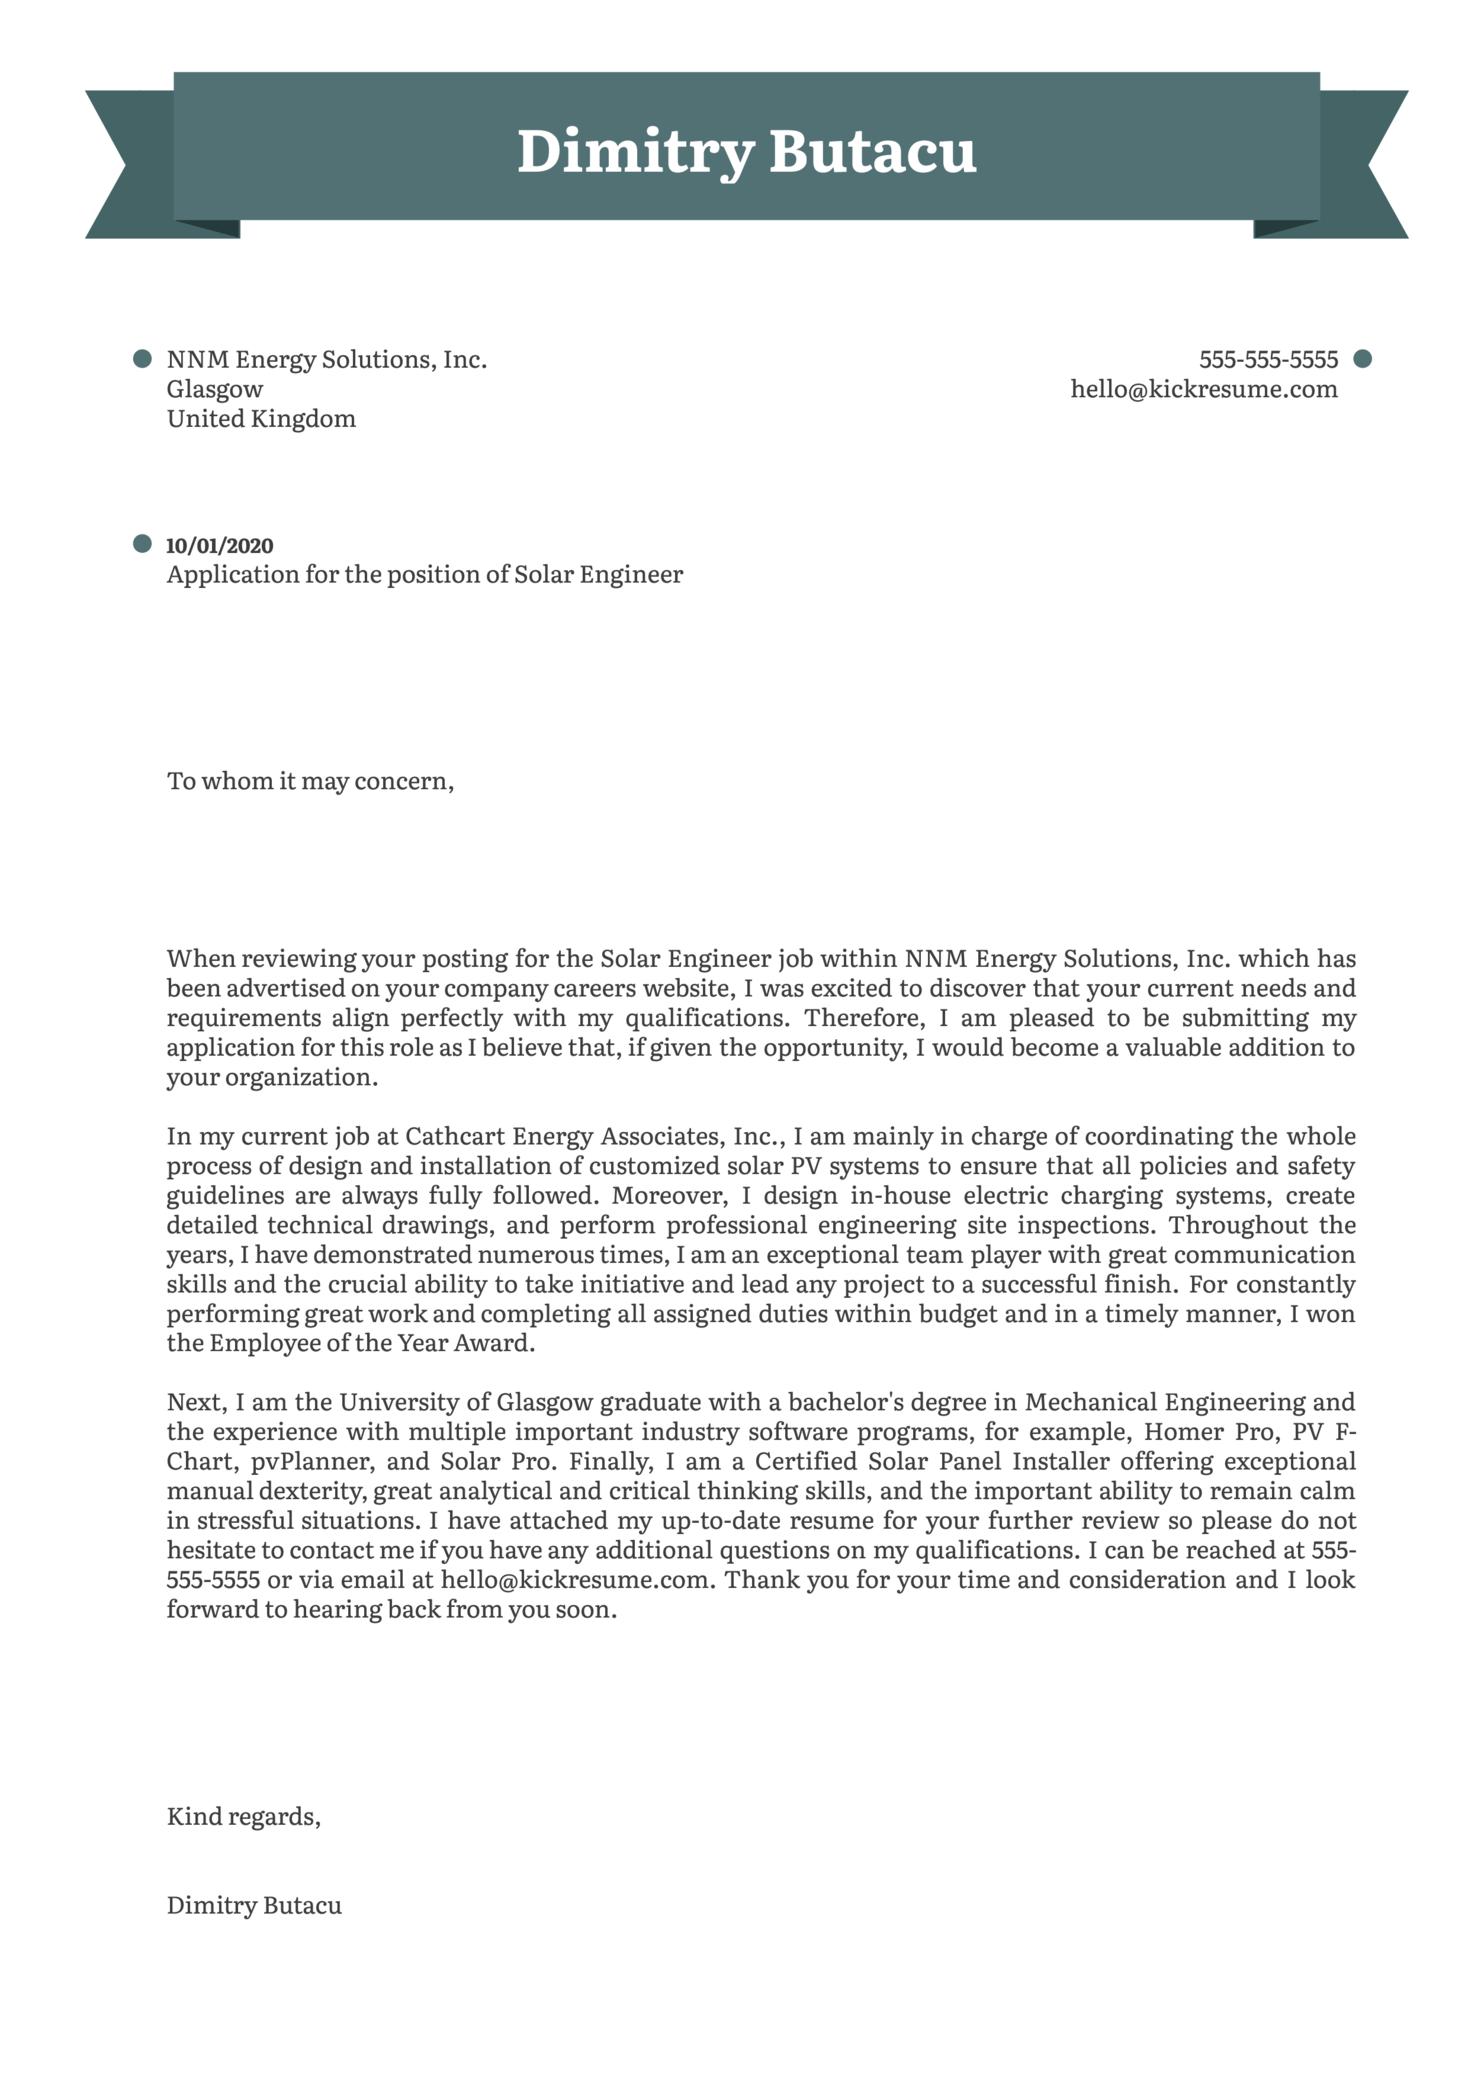 Solar Engineer Cover Letter Sample